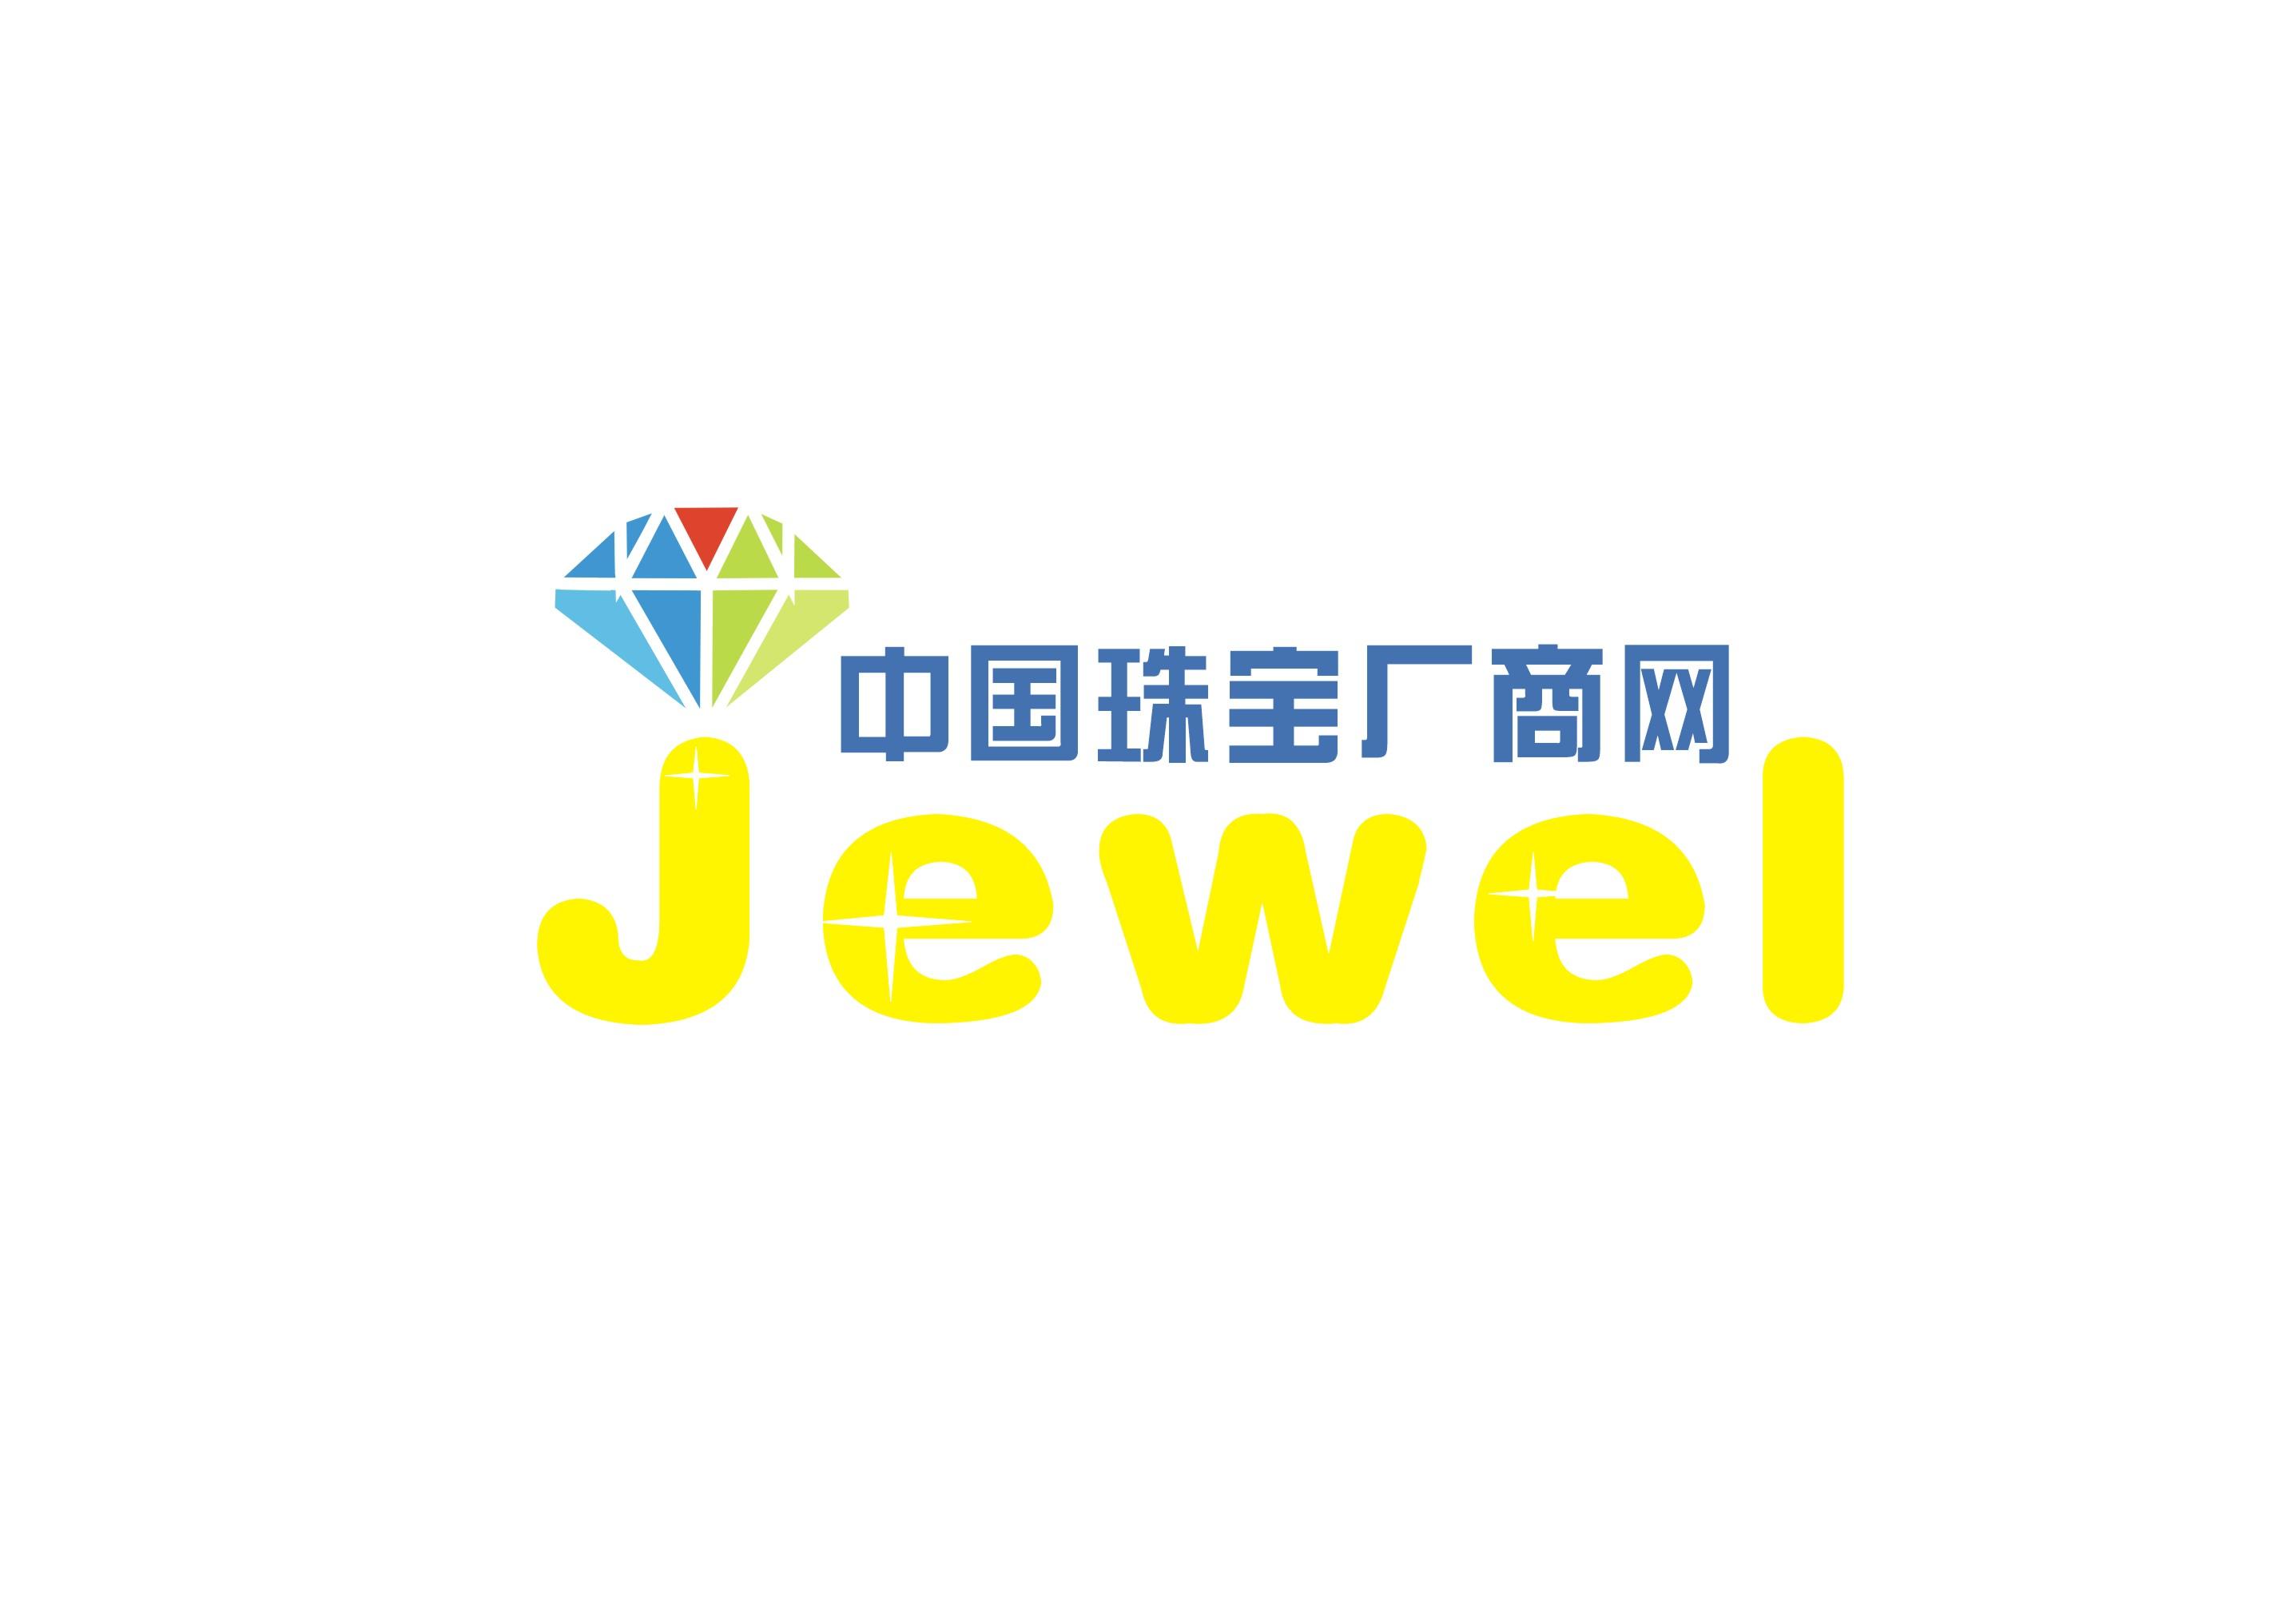 中国珠宝厂商网logo设计(升博杯)